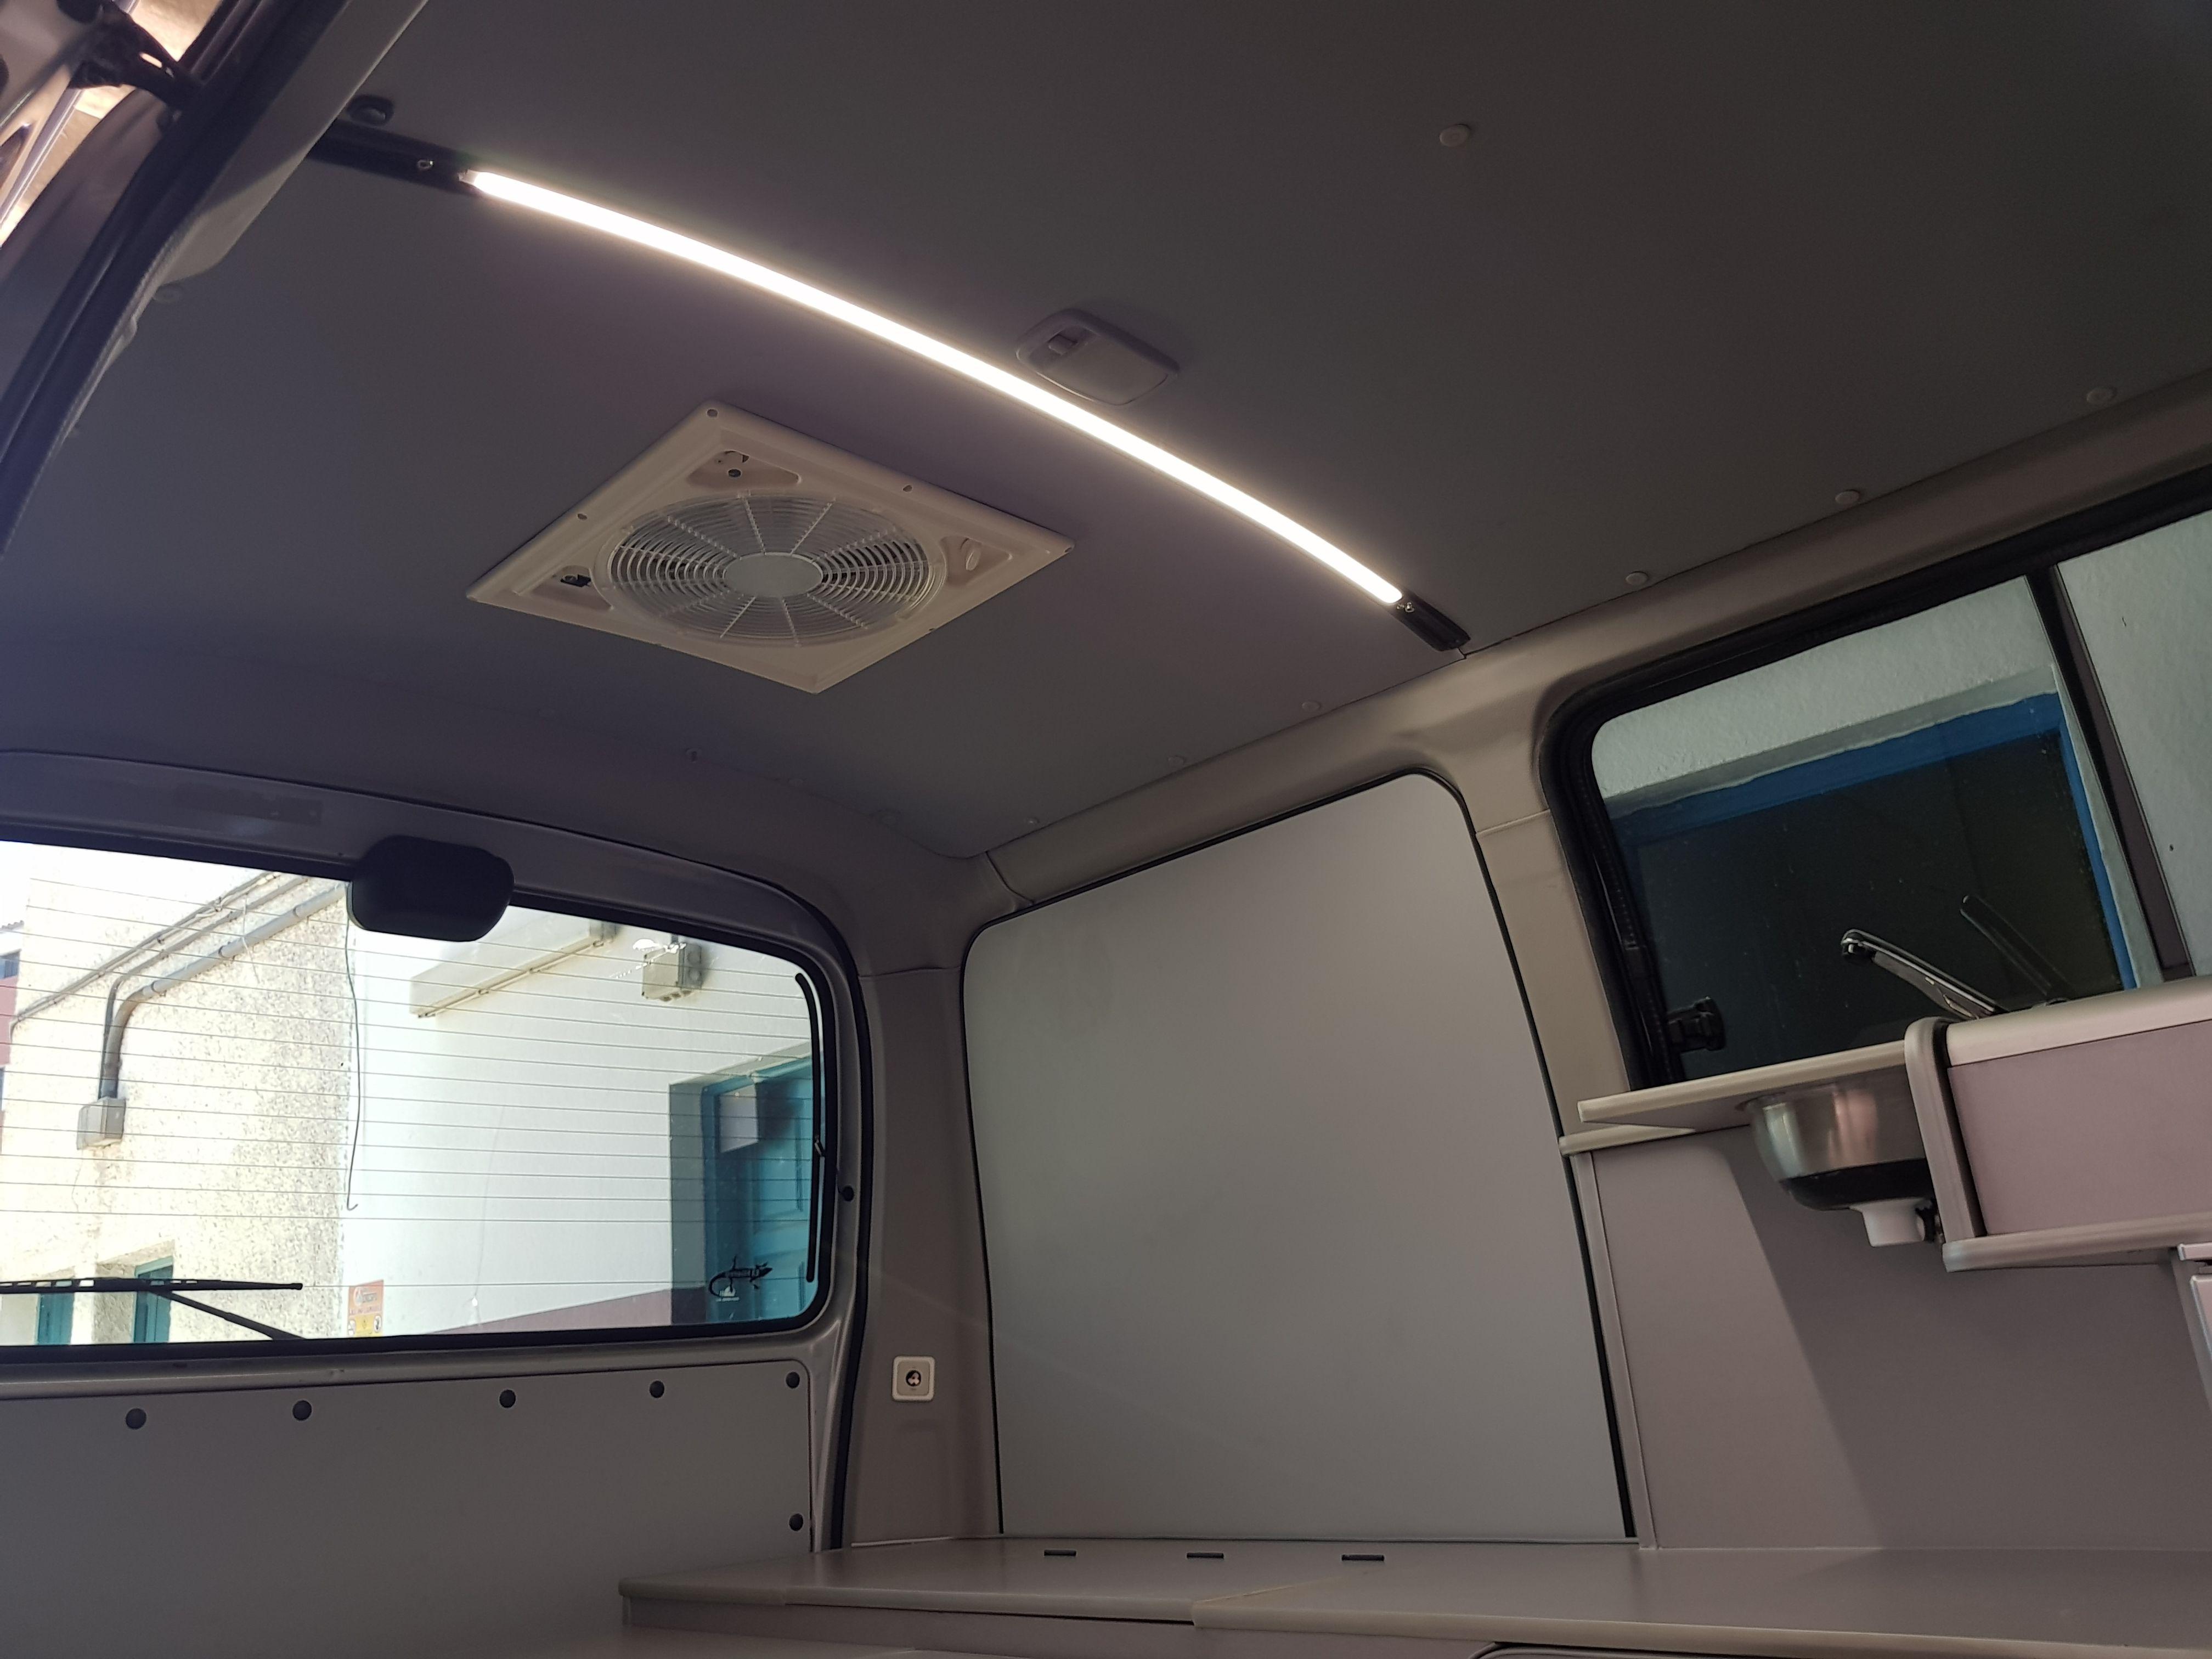 Foto 14 de Taller de furgonetas camperizadas y caravanas en Vecindario | SMV Camper